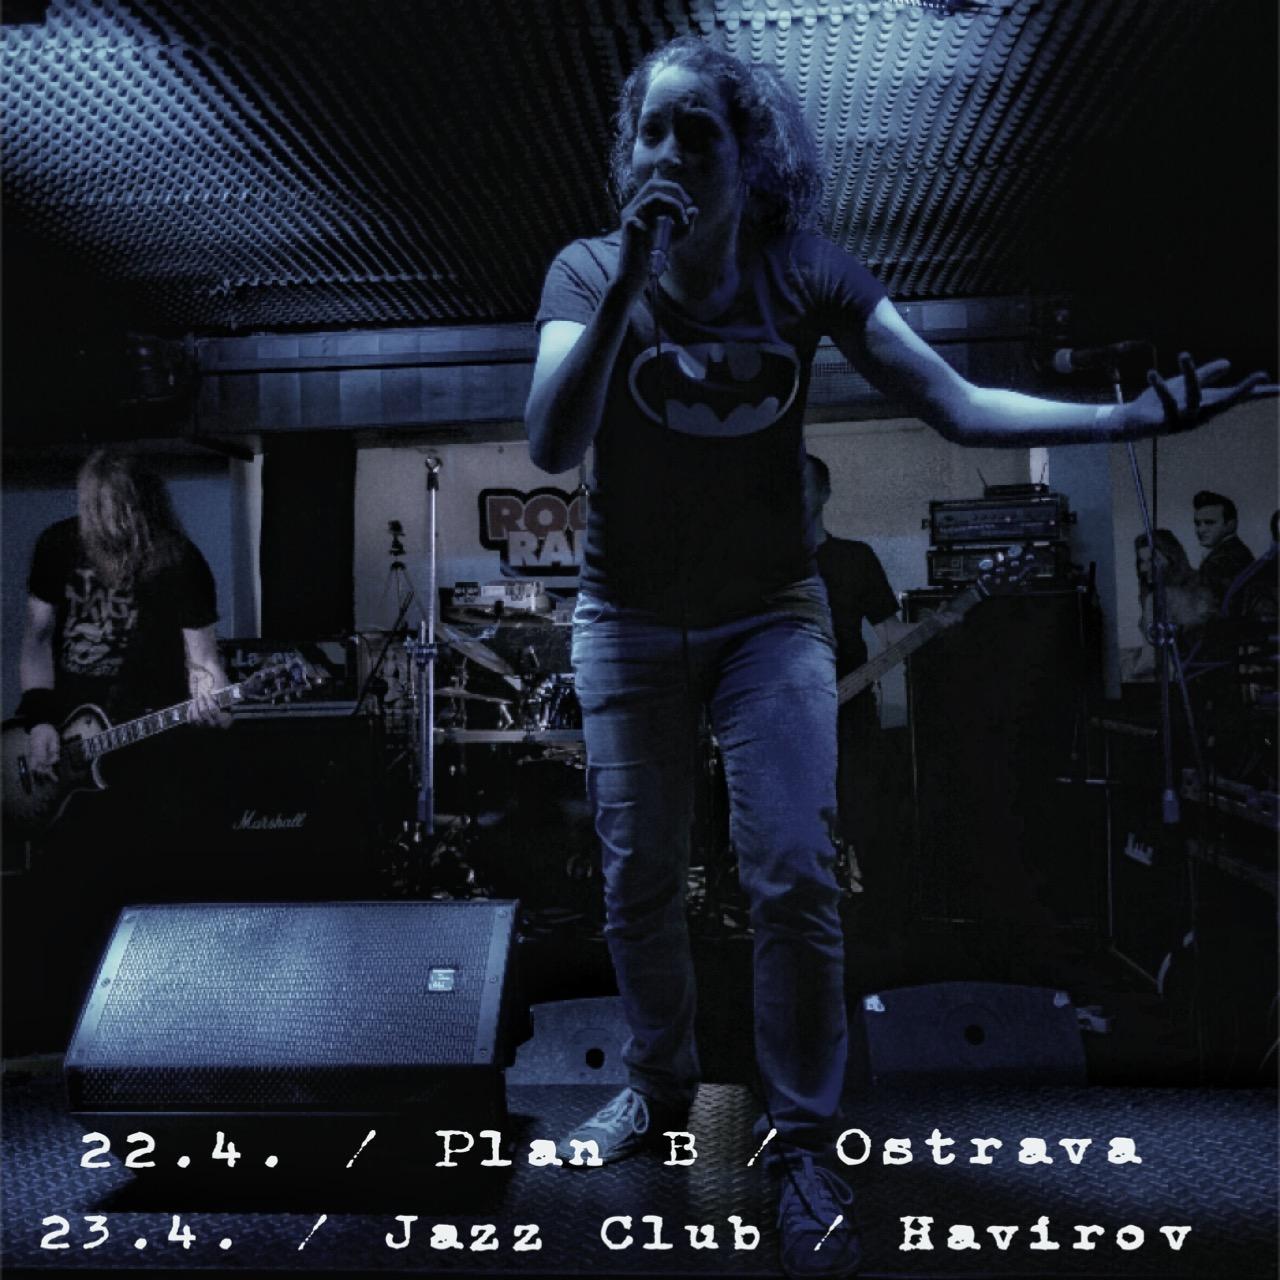 U!G_planB_jazzclub